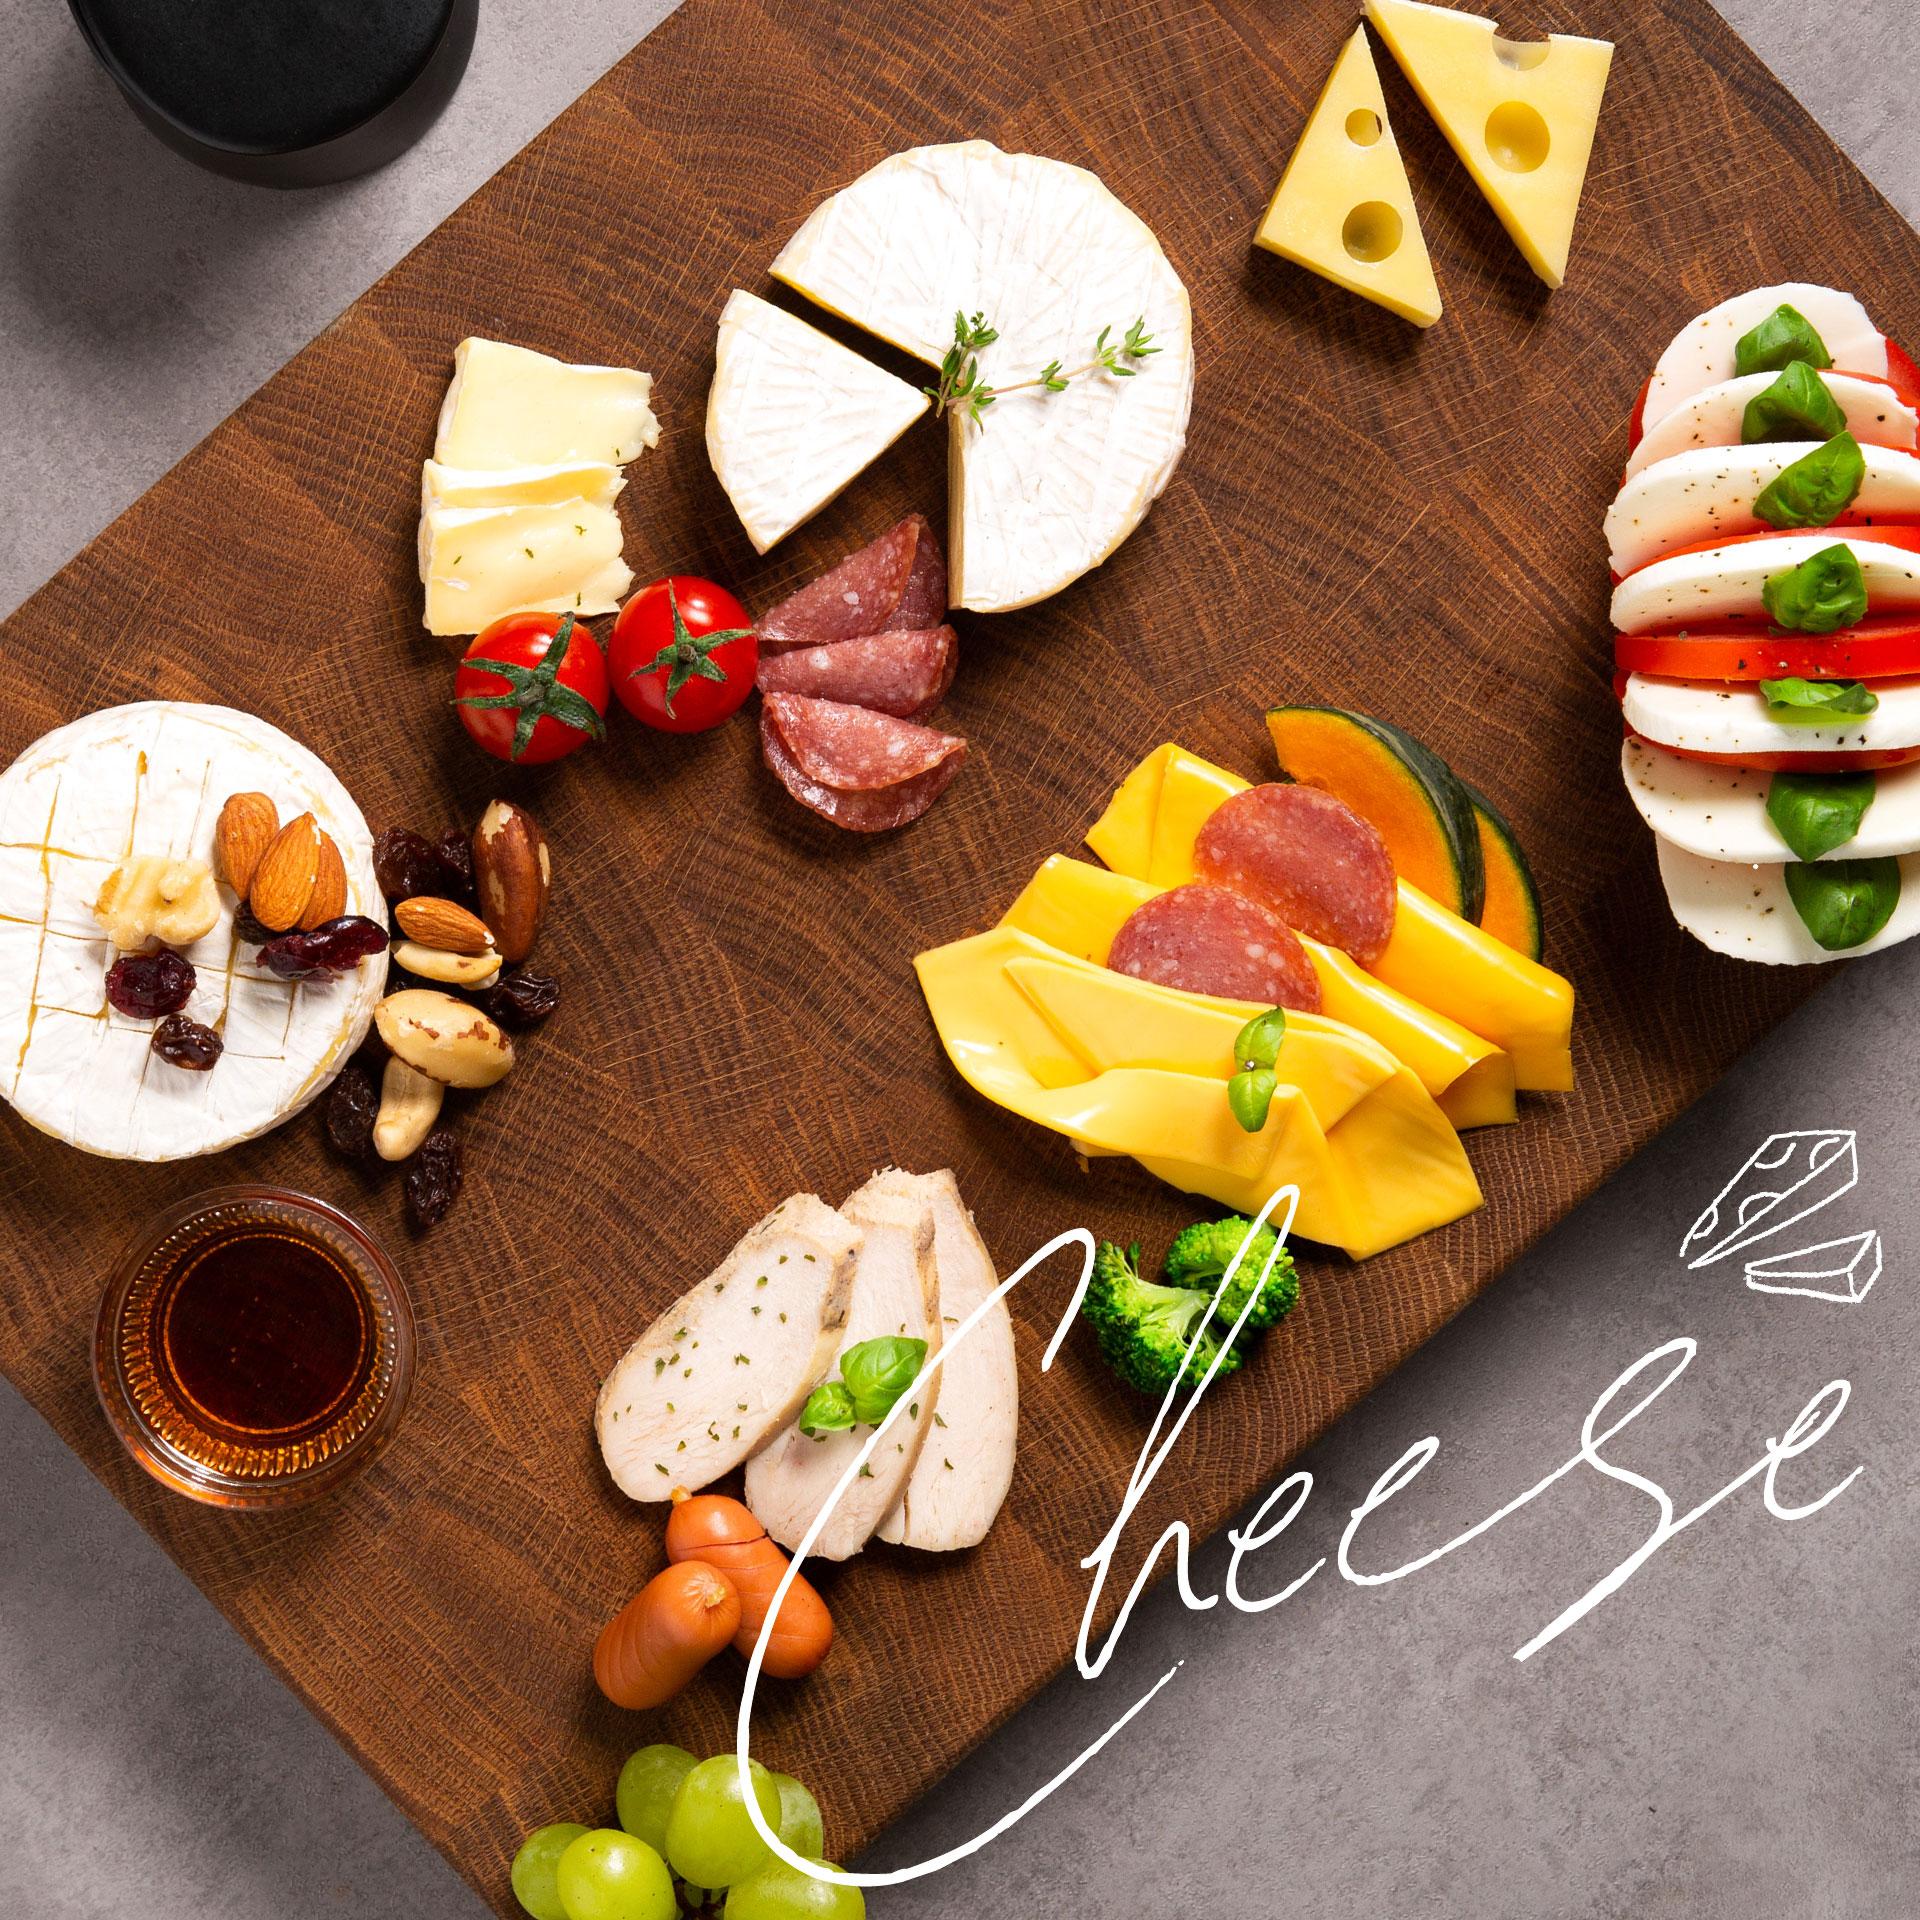 치즈와 어울리는 재료 선택하기